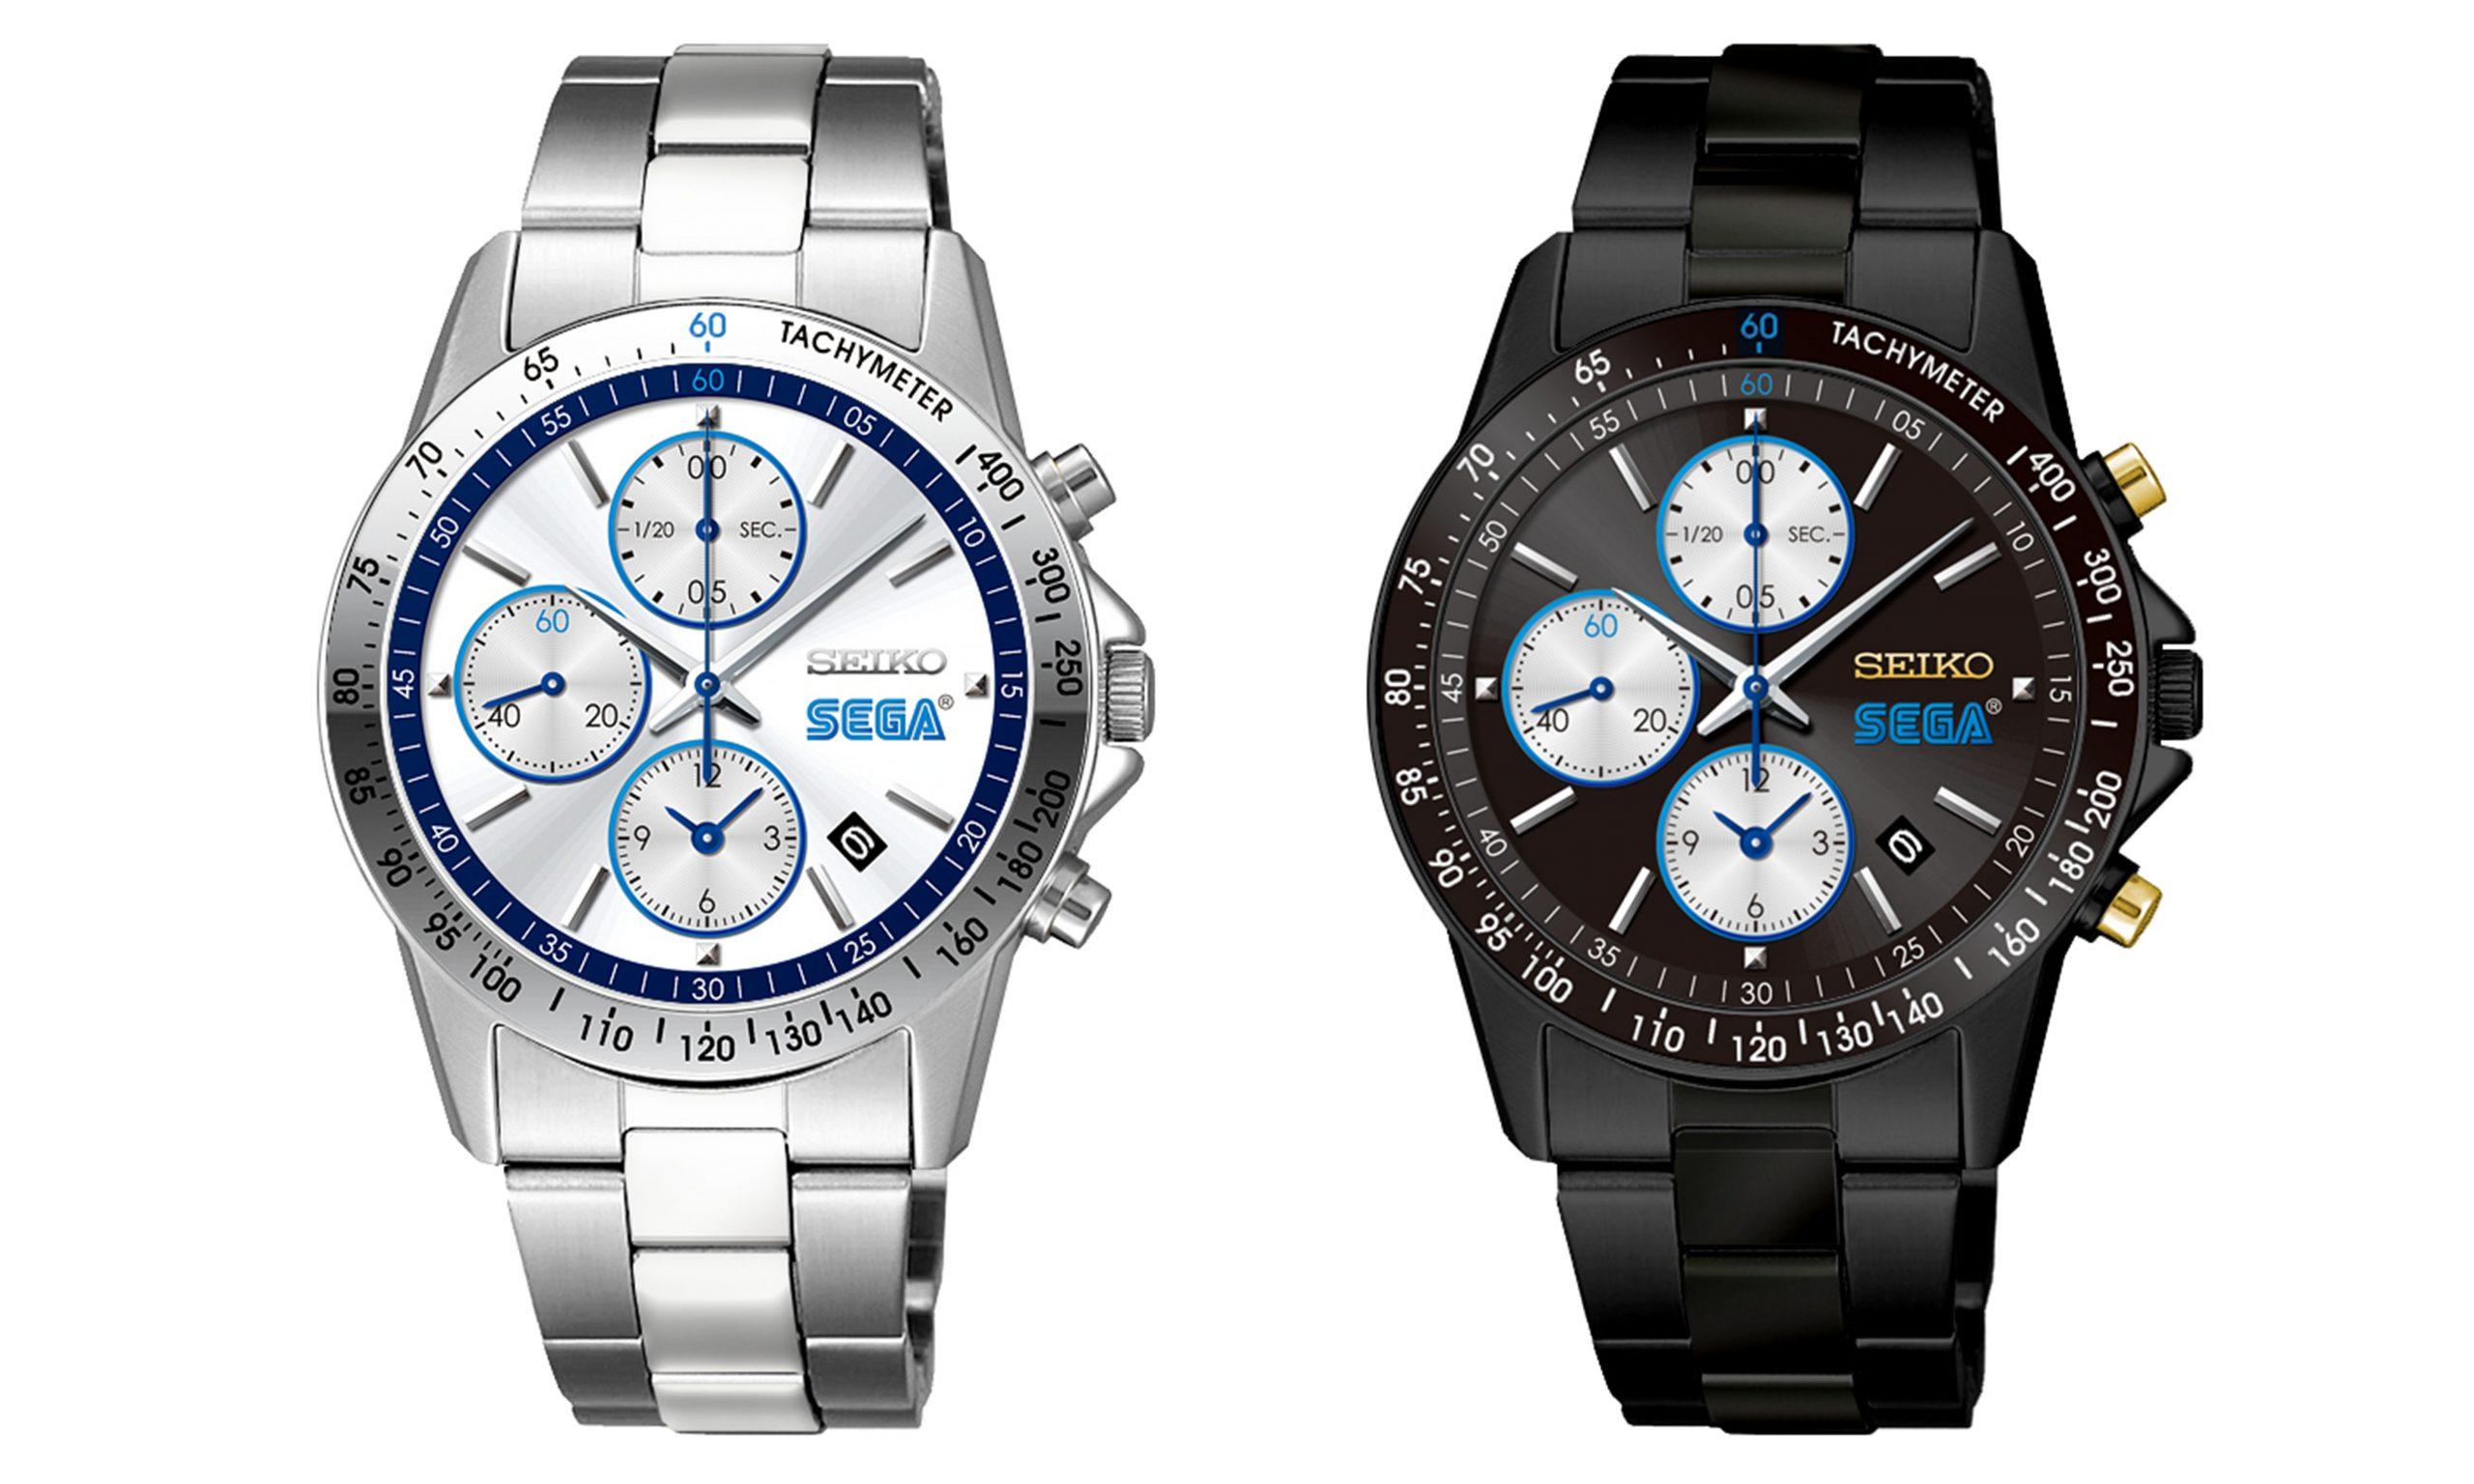 SEGA 与日本手表制造商 SEIKO 推出合作系列